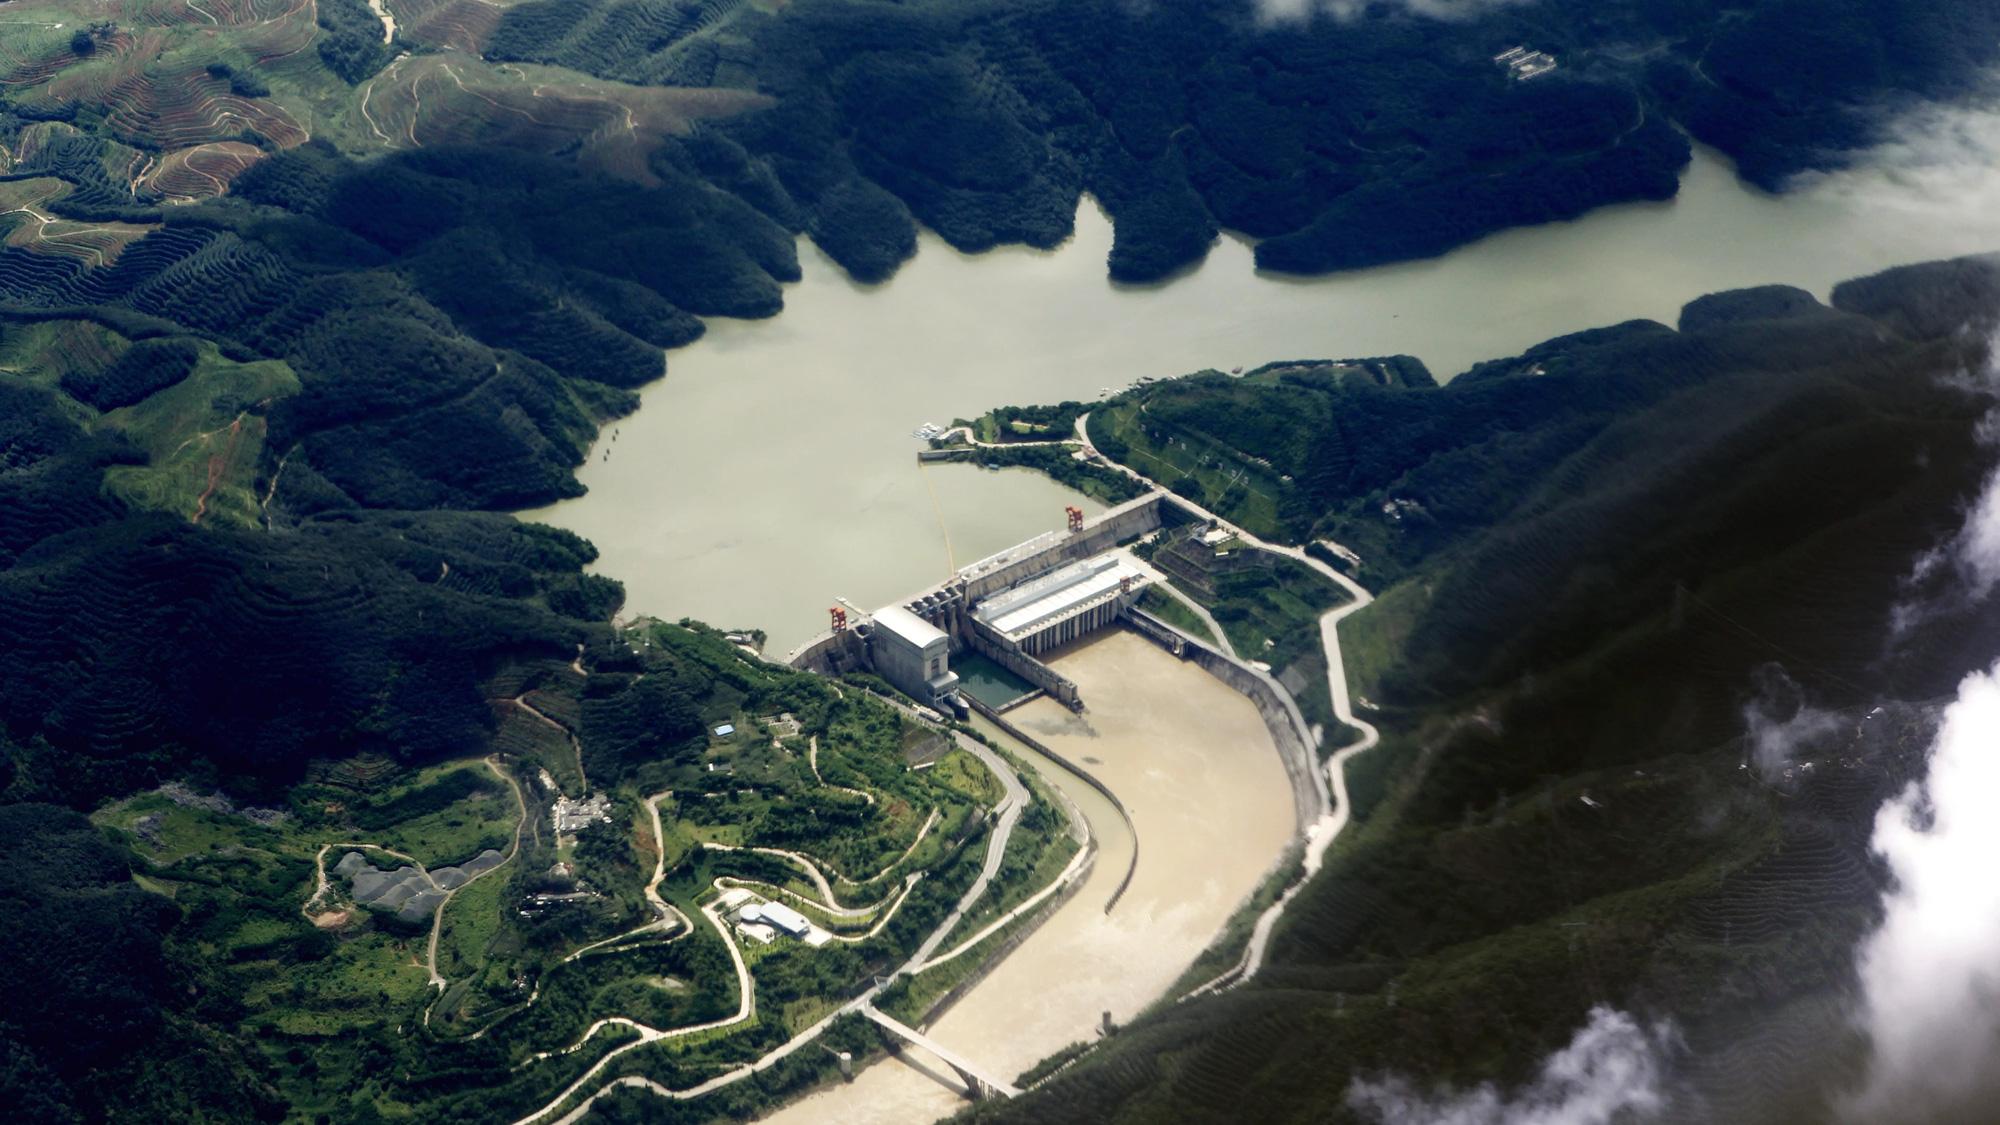 Trung Quốc tuyên bố xả đập thủy điện, nhưng nước không tới được ĐBSCL 6